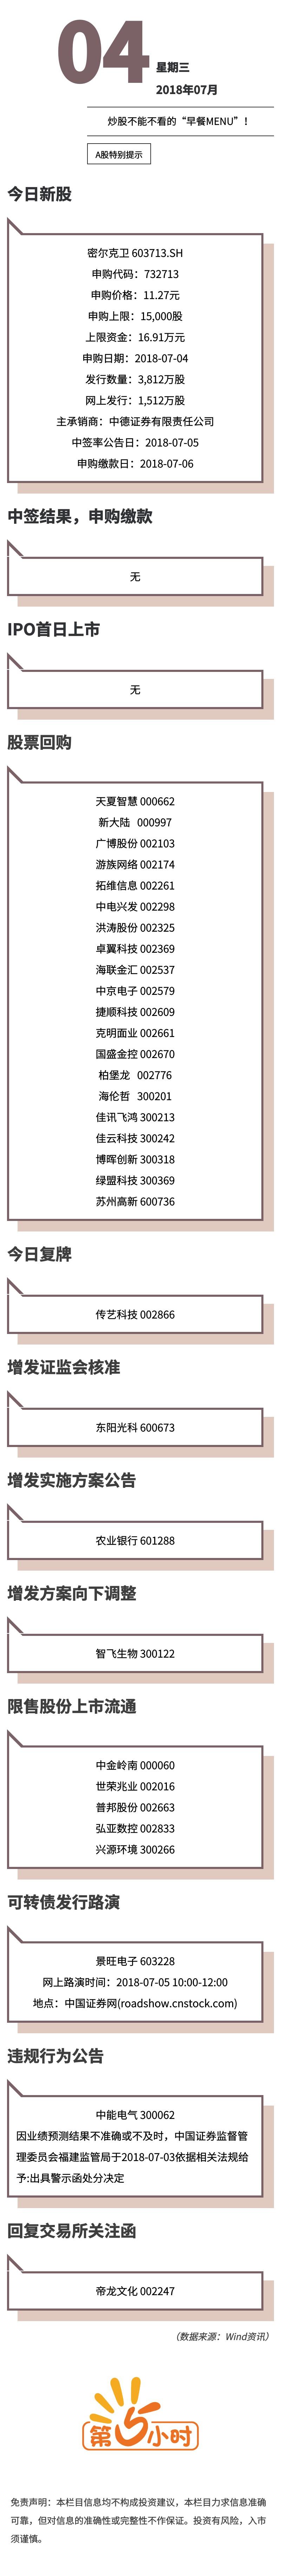 A股特别提示(2018-07-04).jpg